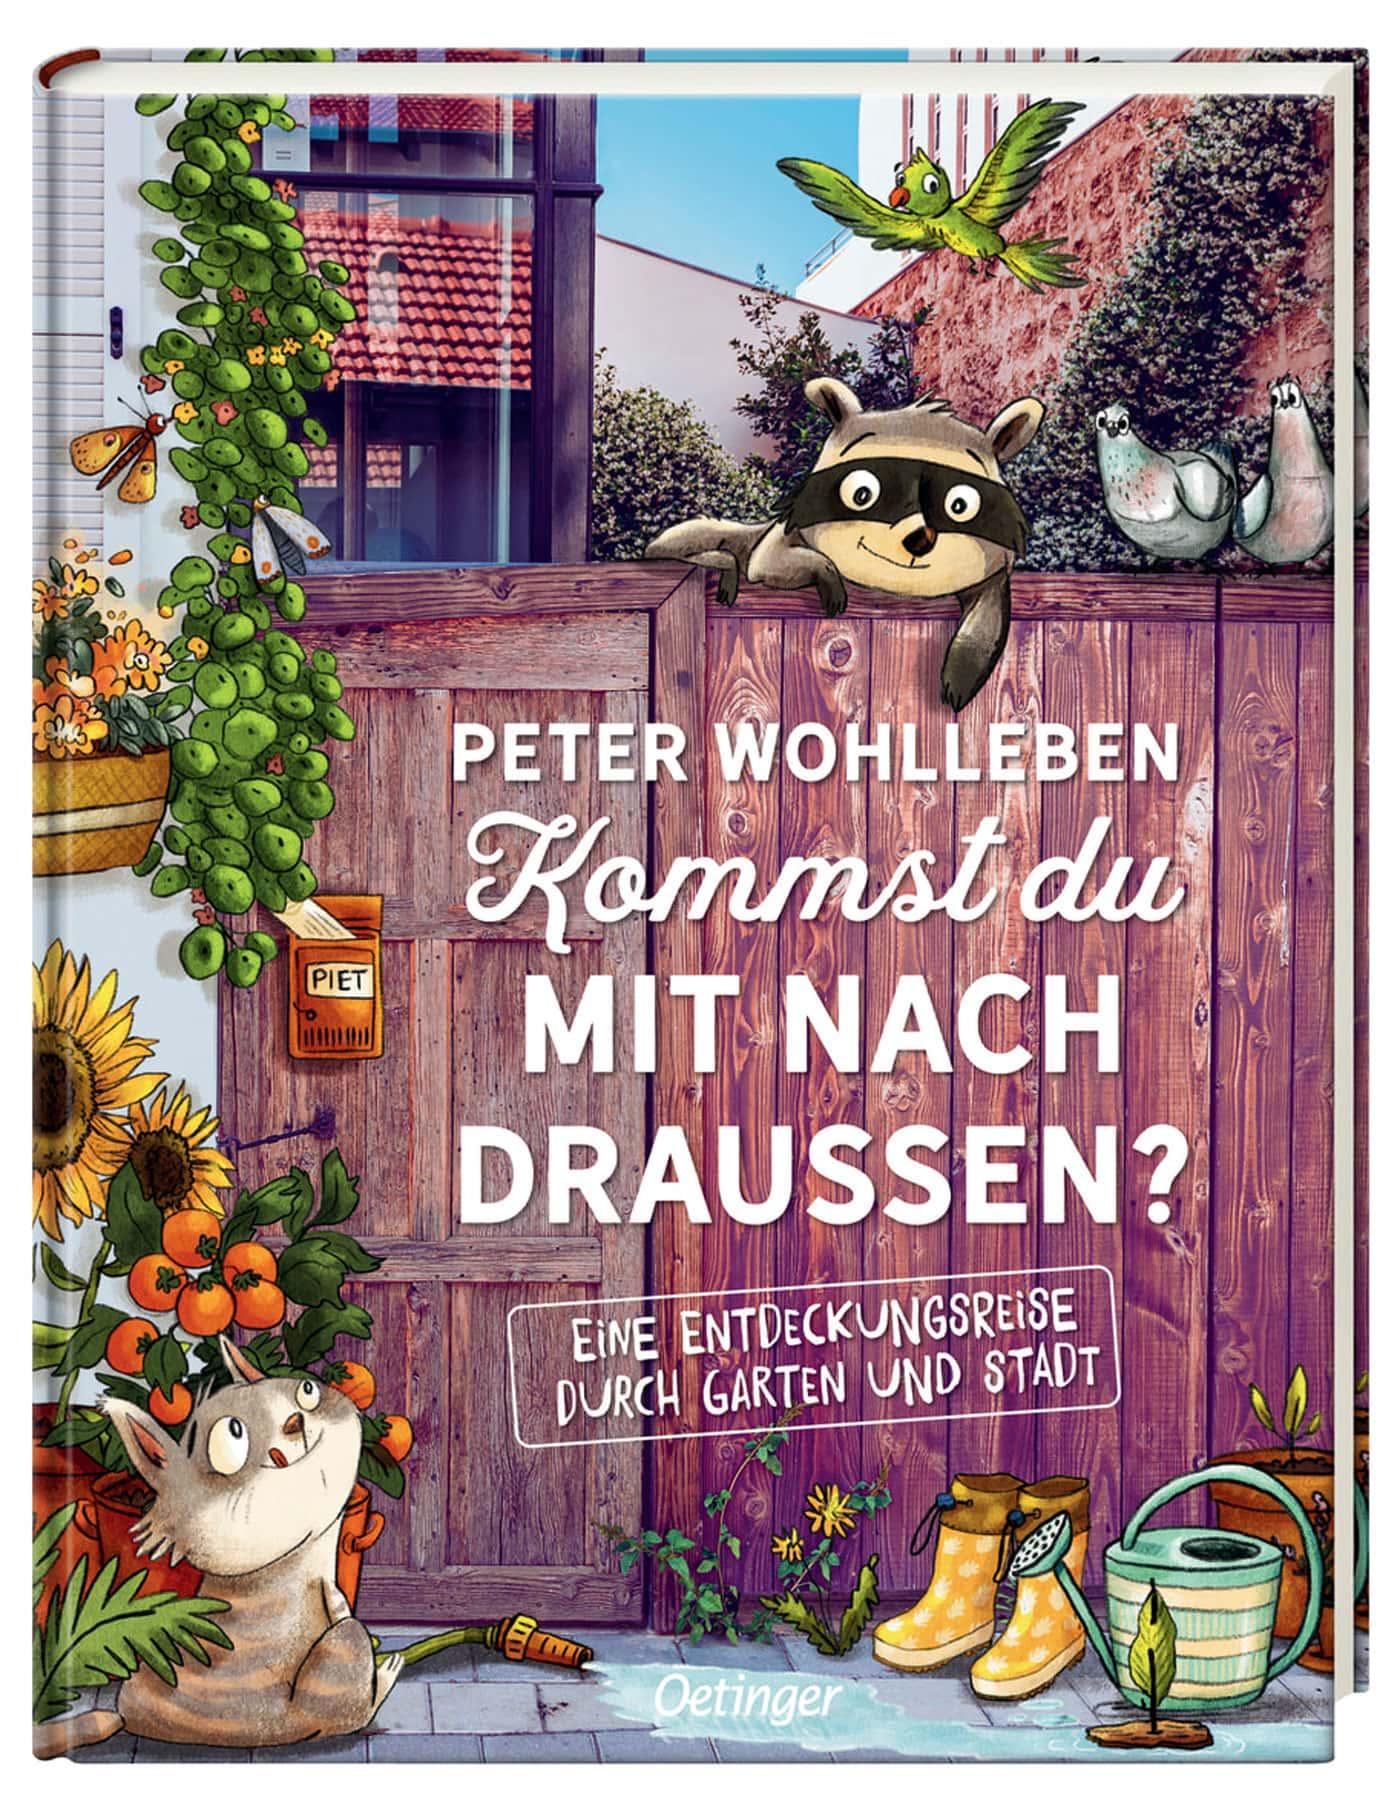 Draußenabenteuer – Kinderbuch-Tipp: Entdeckungsreise Garten und Stadtnatur für Kinder // HIMBEER